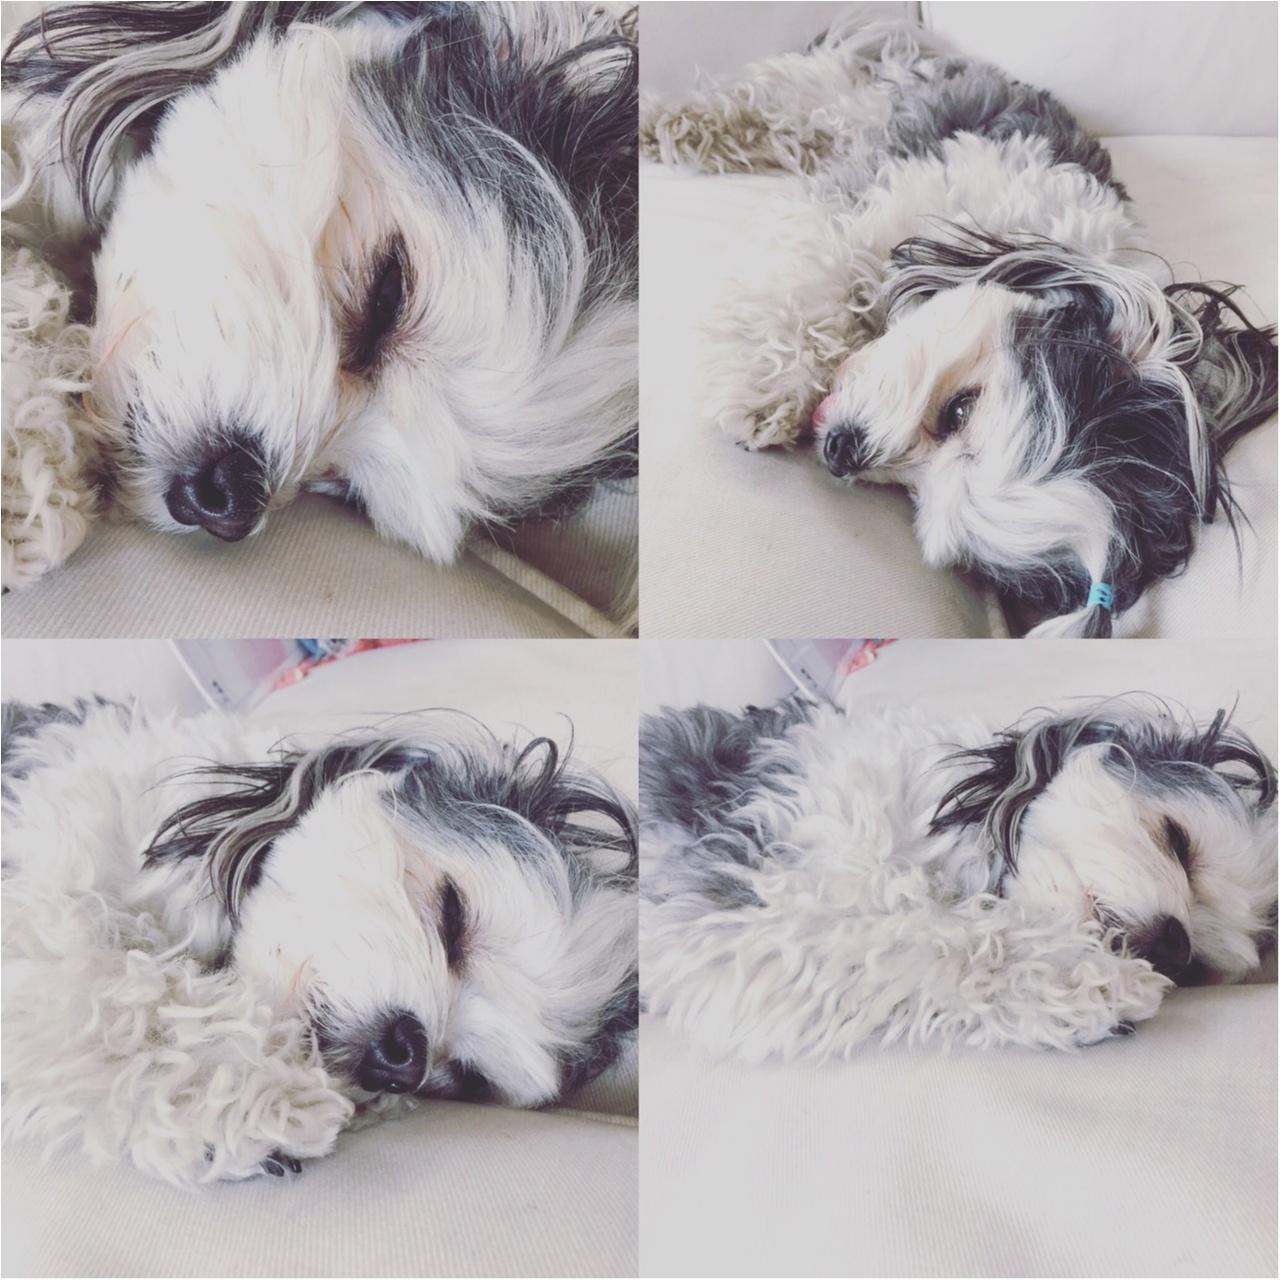 【今日のわんこ】涼しくなったから? 眠くて仕方ない太郎くん_1